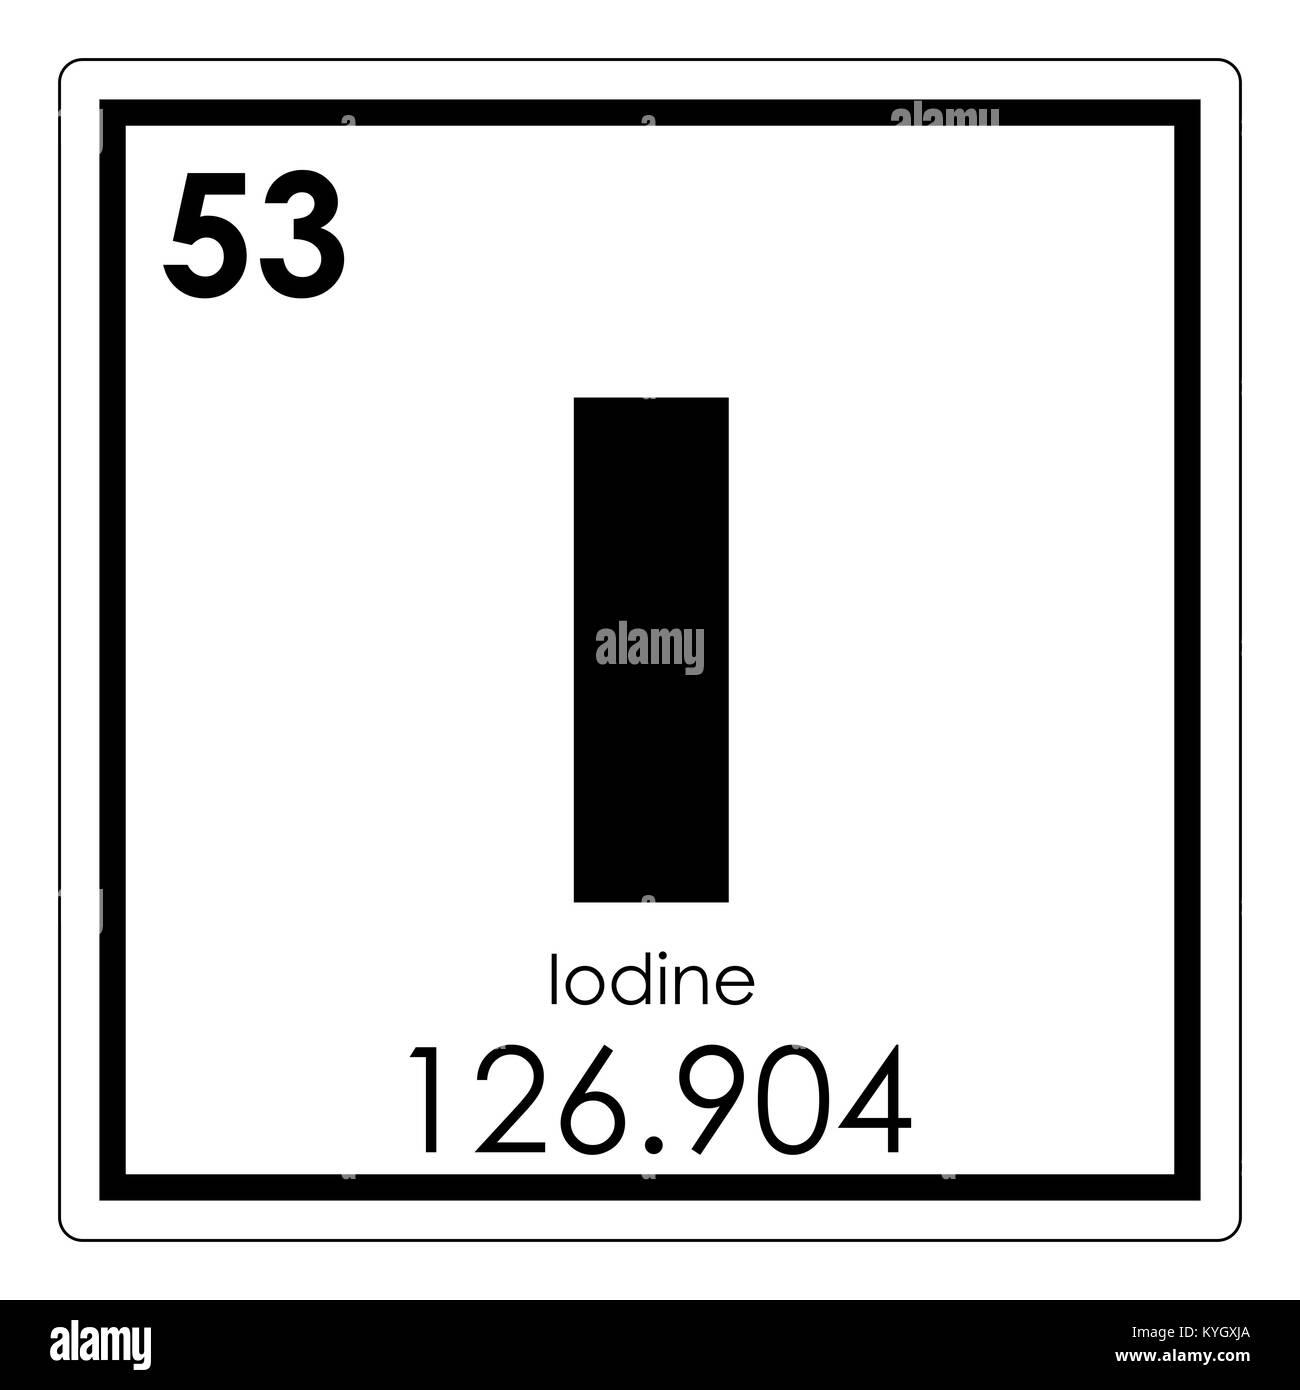 Yodo elemento qumico tabla peridica ciencia smbolo foto imagen yodo elemento qumico tabla peridica ciencia smbolo urtaz Image collections